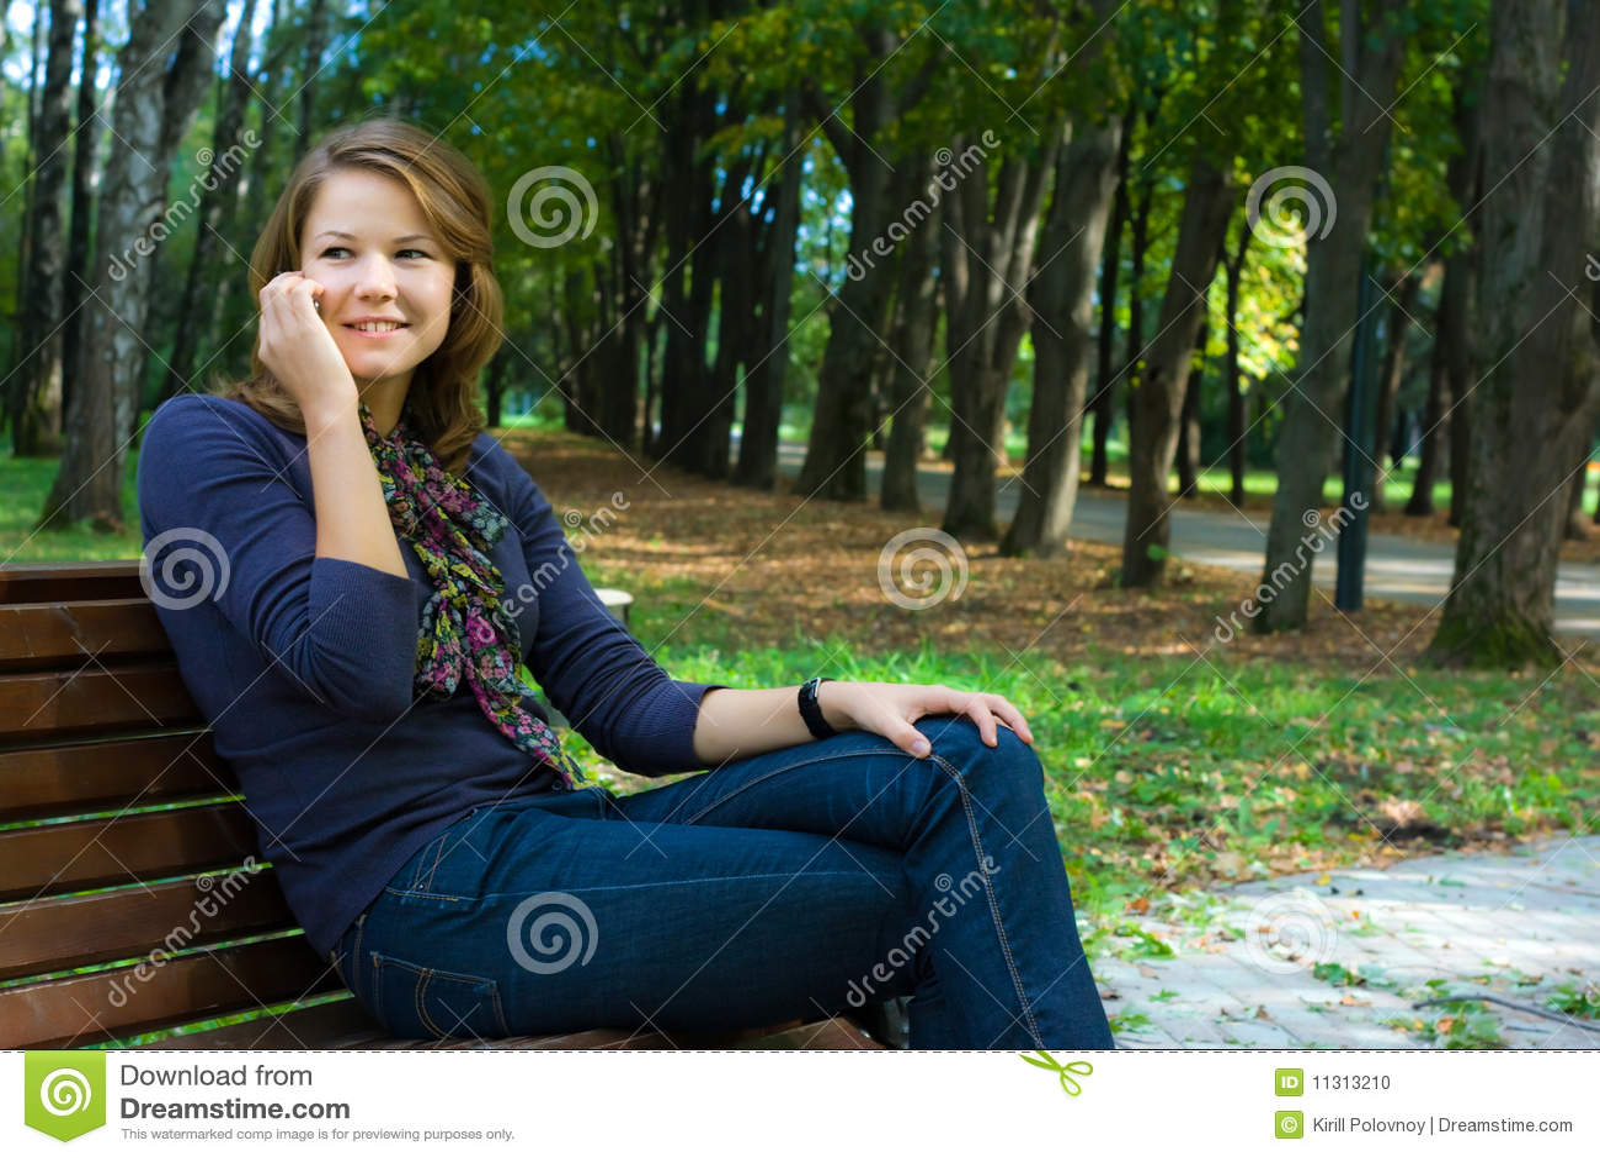 Junge Frau mit Telefon im Park